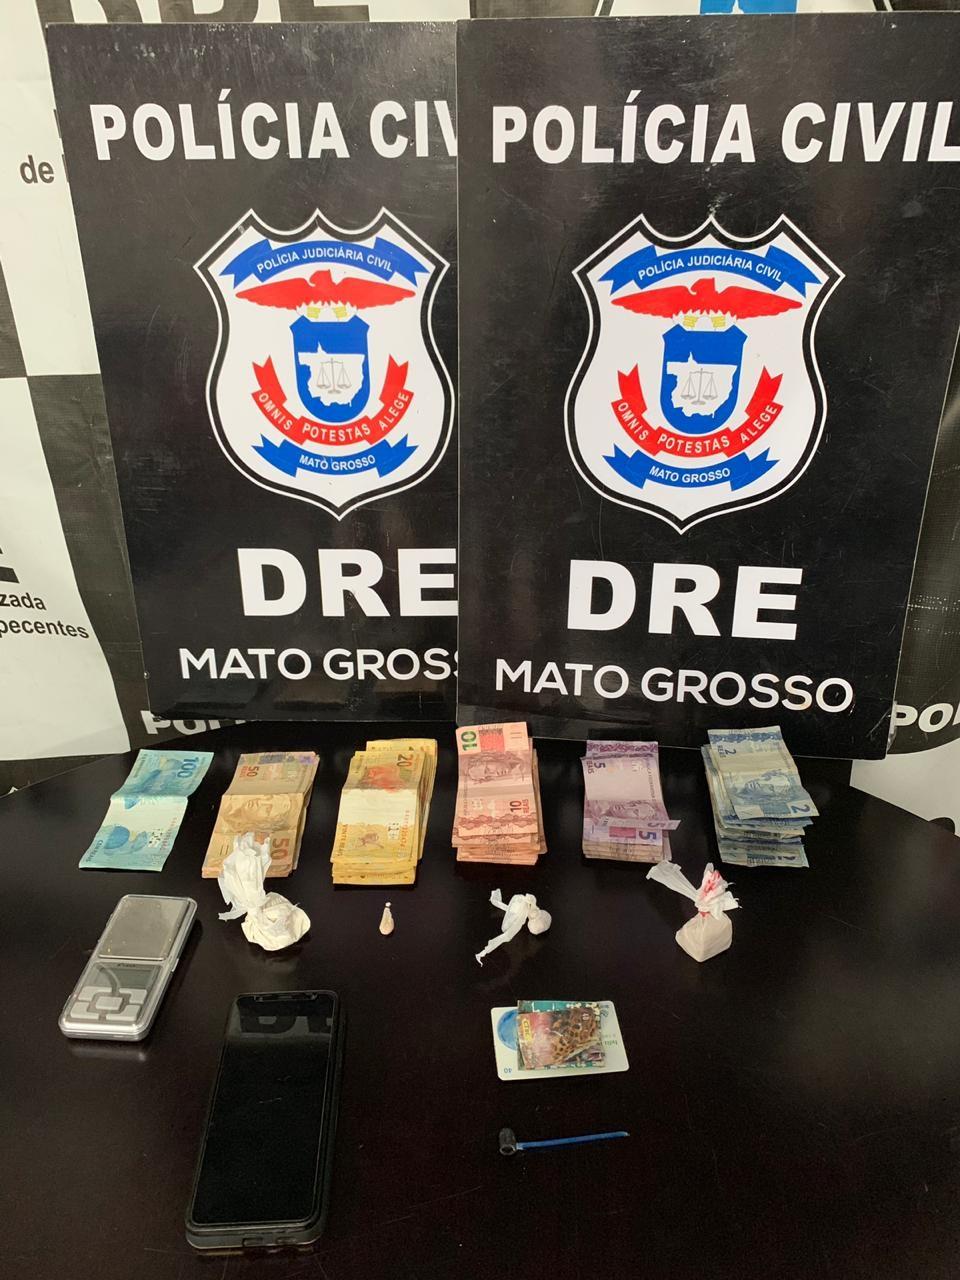 Droga e dinheiro apreendidos na casa do casal. (Foto: divulgação PJC/MT)